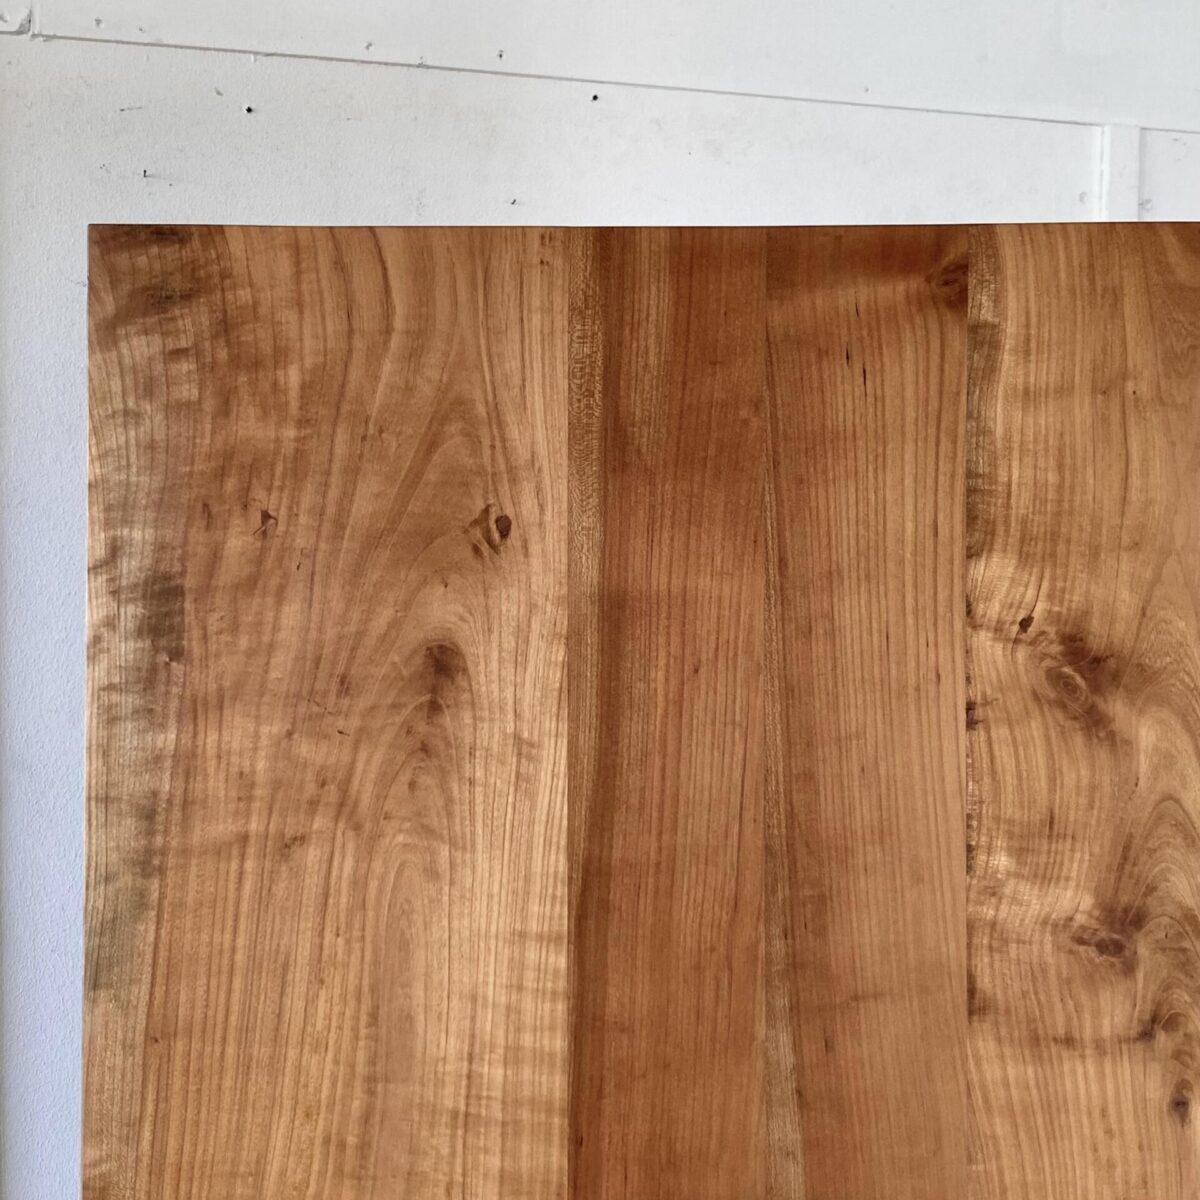 Deuxieme.shop Horgenglarus Kirschbaum Beizentisch. 175x72.5cm Höhe 75.5cm. Das Tischblatt ist etwas uneben, leicht geschüsselt, aber alles in stabilem Zustand. Die Holzoberfläche ist mit Naturöl behandelt. Die Gusseisenfüsse sind etwas abgewetzt, silbrig Rost rötliche Patina. An dem Tisch finden bis zu 8 Personen Platz.